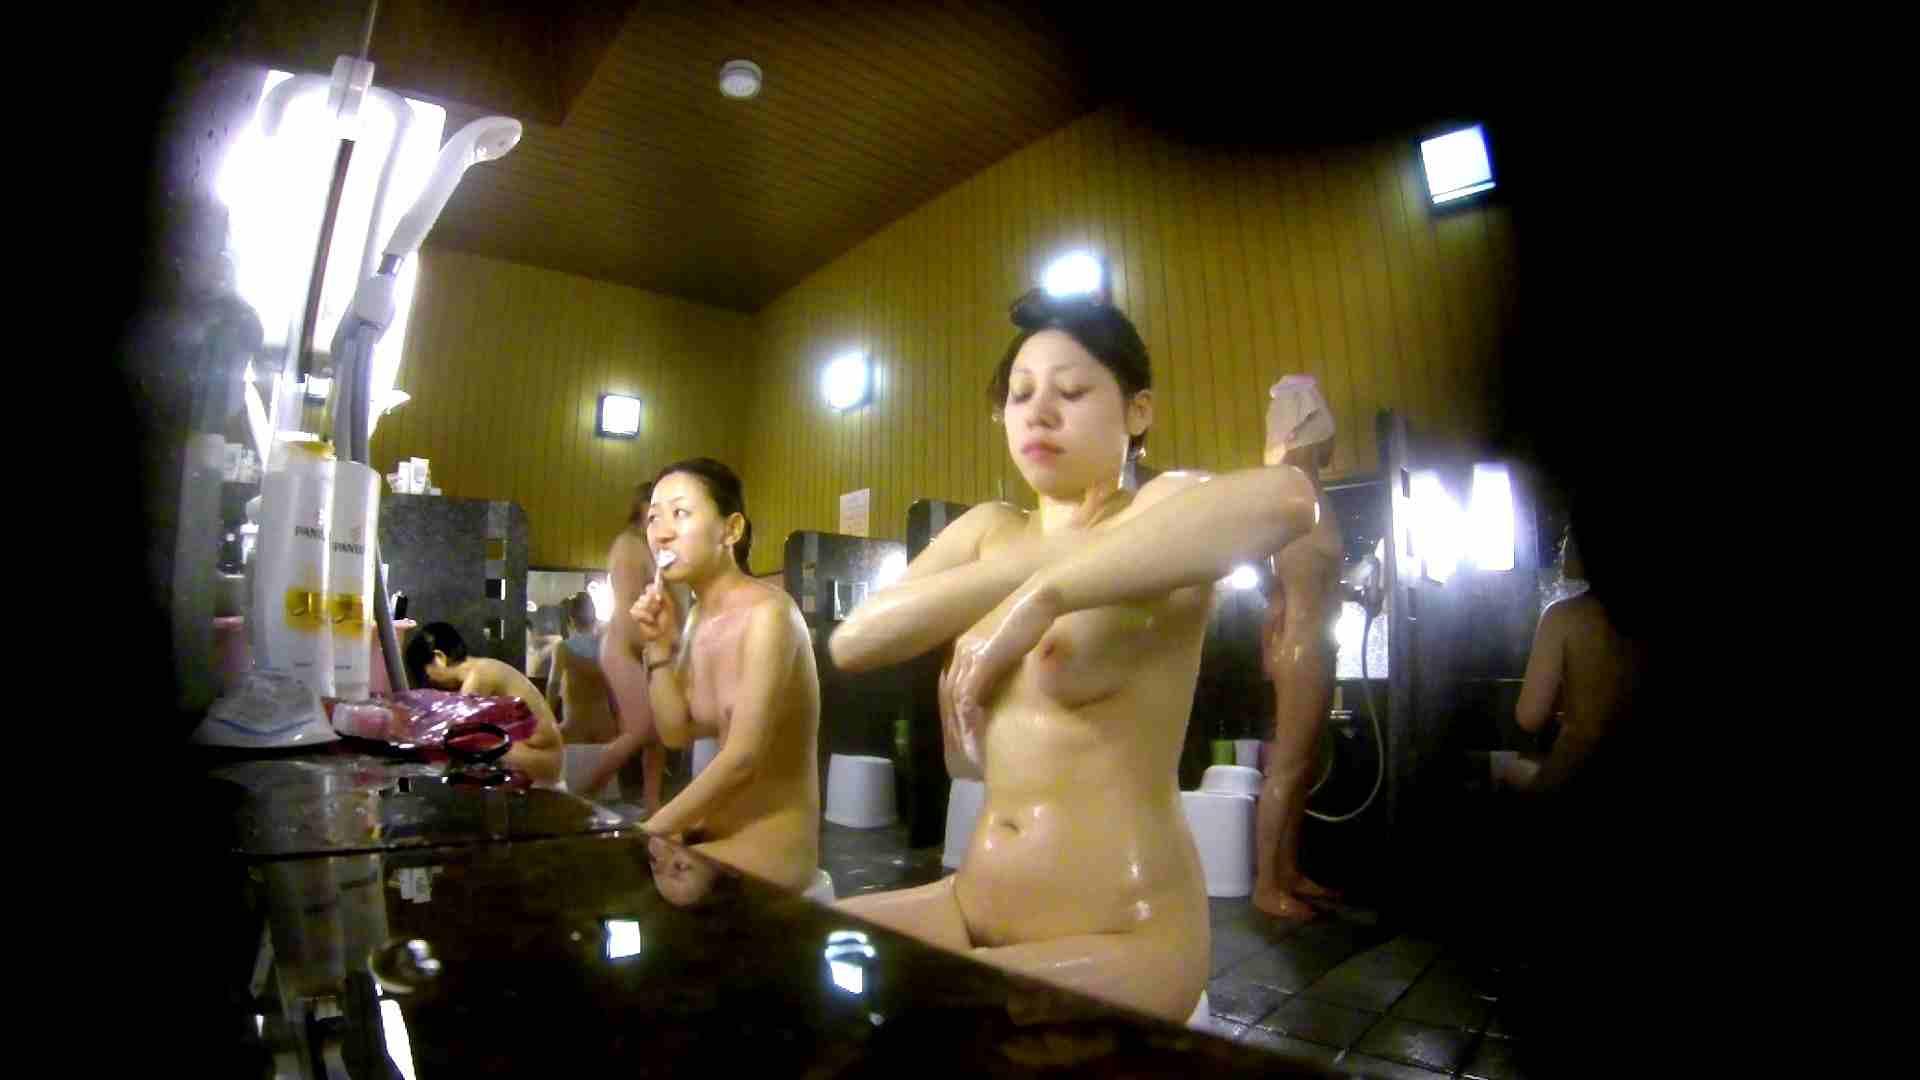 洗い場!柔らかそうな身体は良いけど、歯磨きが下品です。 巨乳 SEX無修正画像 107画像 60